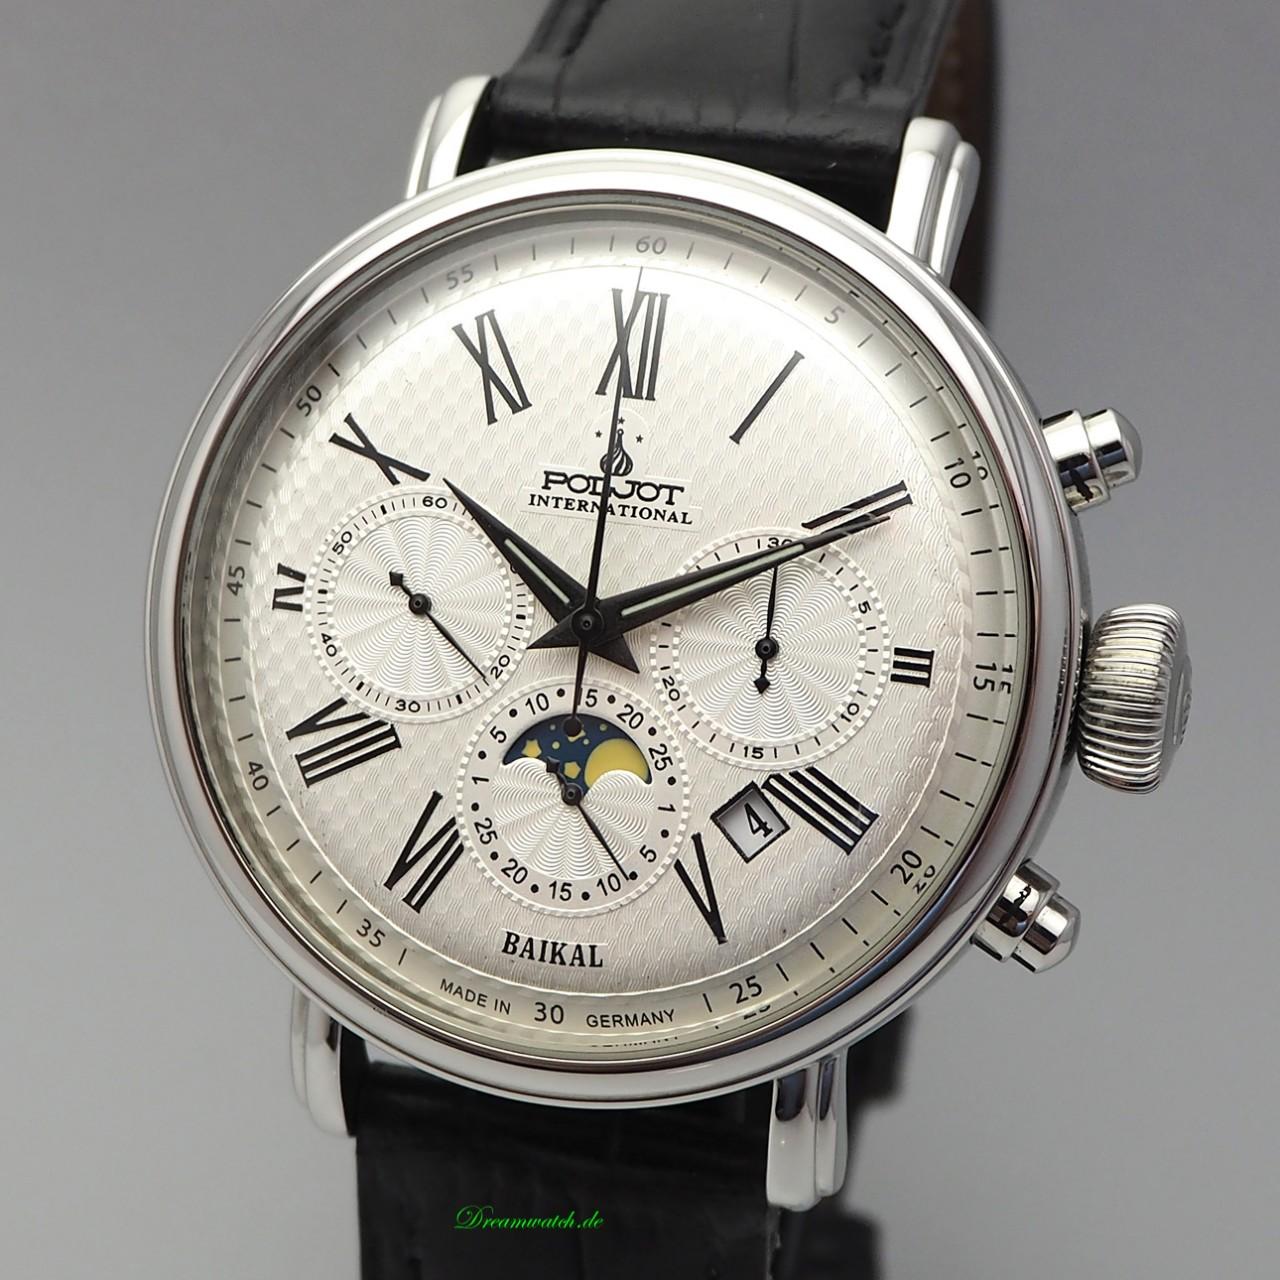 Poljot International BAIKAL Vollkalender-Chronograph Handaufzug